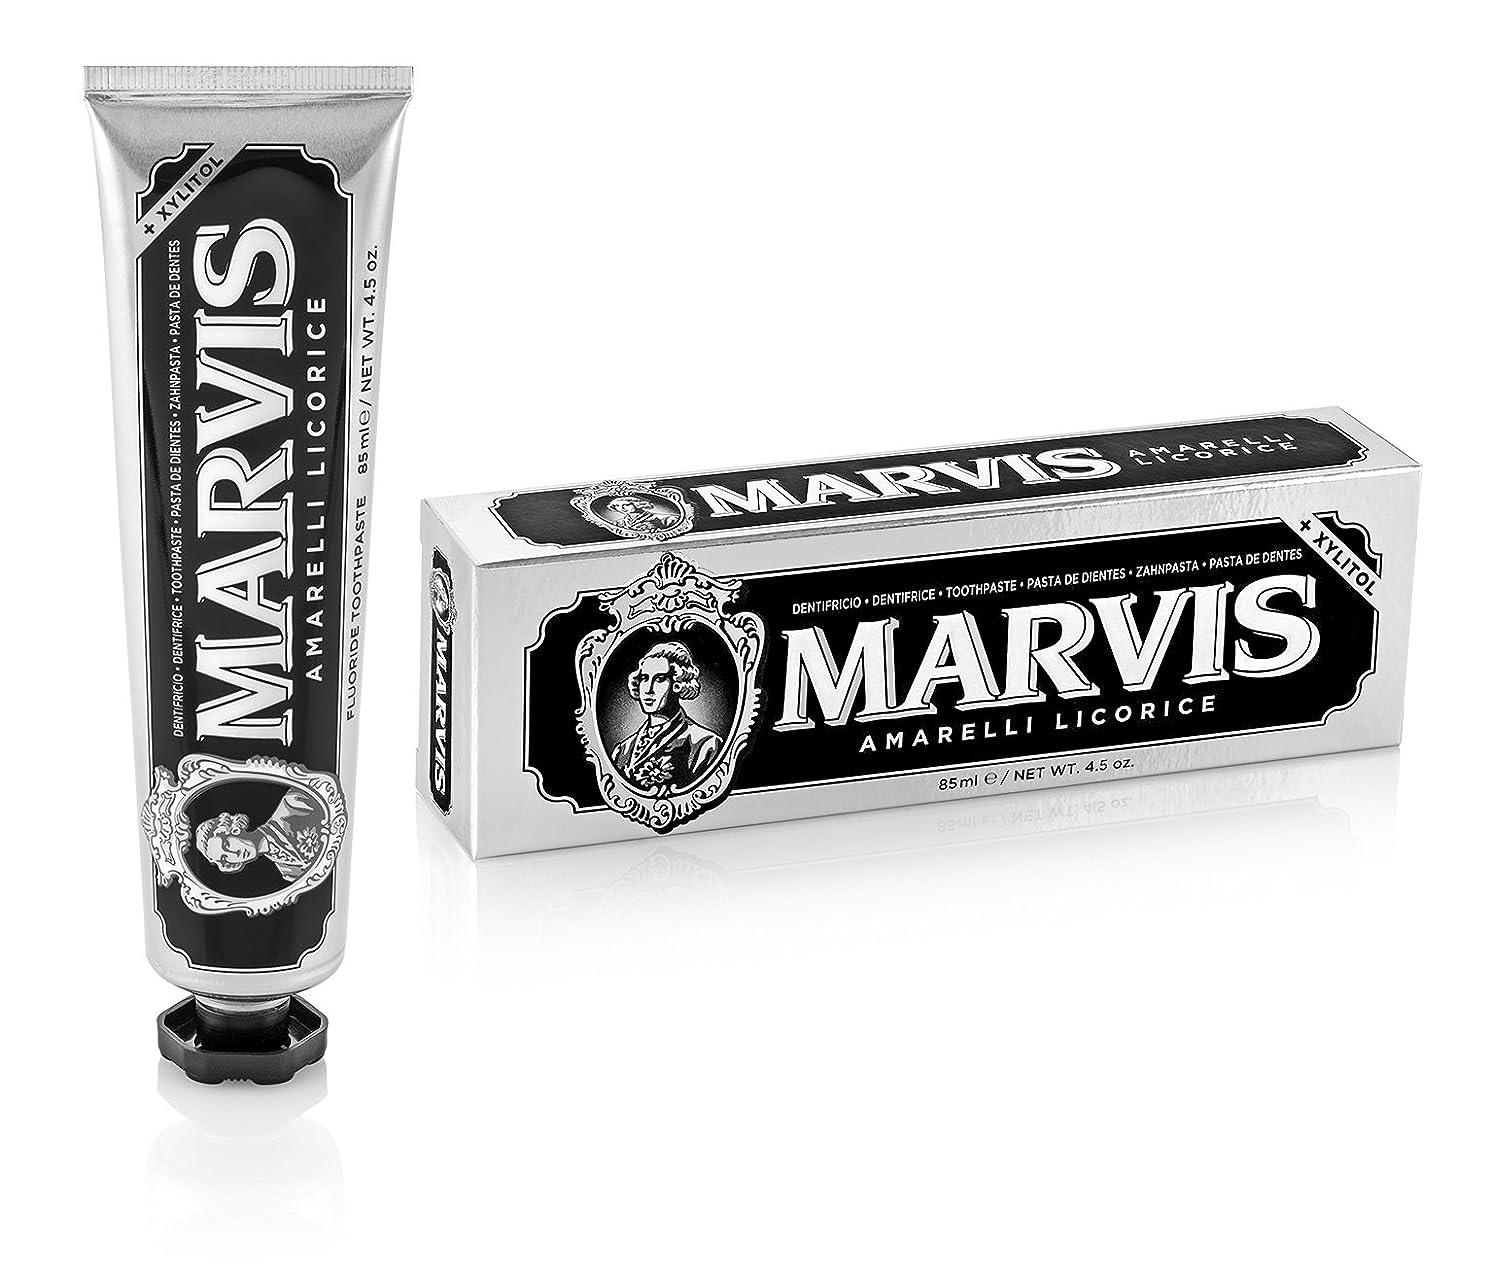 同時単調な大通りマーヴィス Amarelli Licorice Toothpaste With Xylitol 85ml/4.5oz並行輸入品